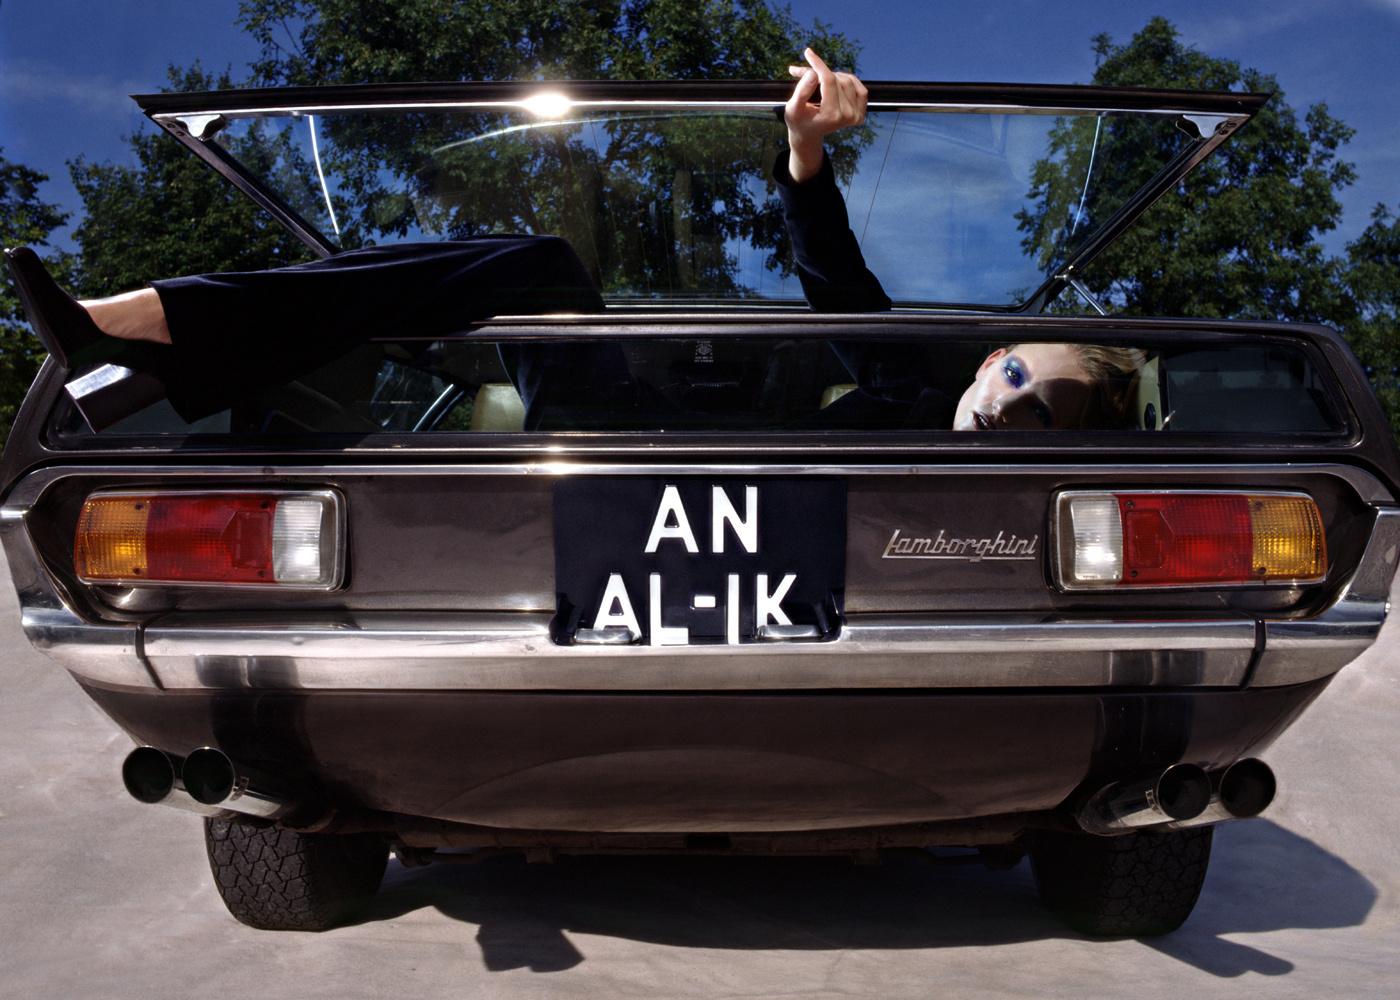 Analik 1998